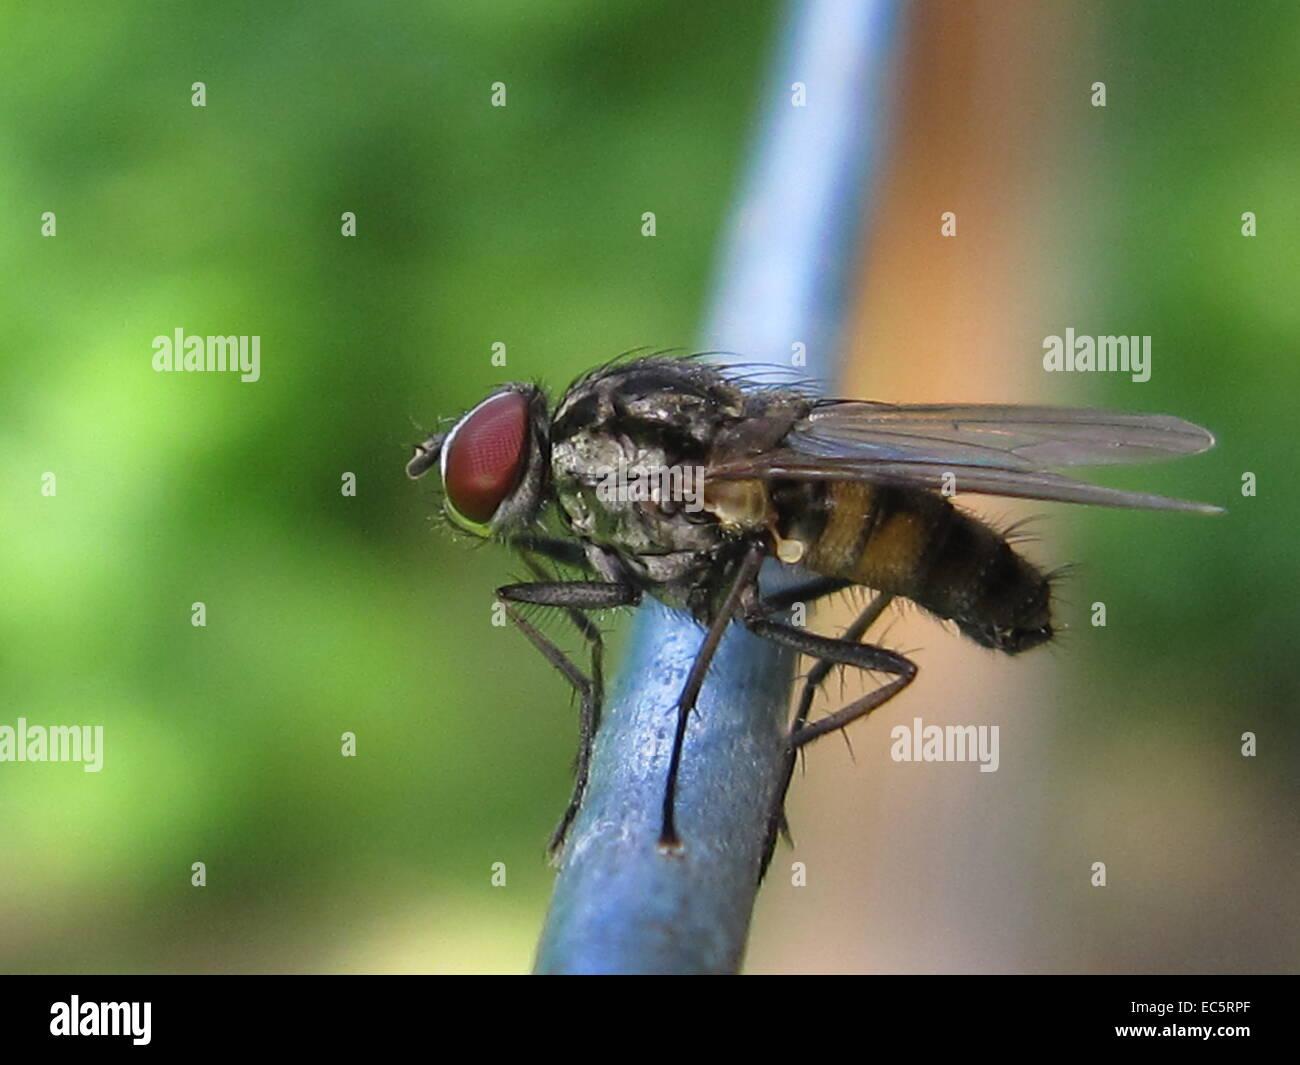 Fly in Makro - Stock Image